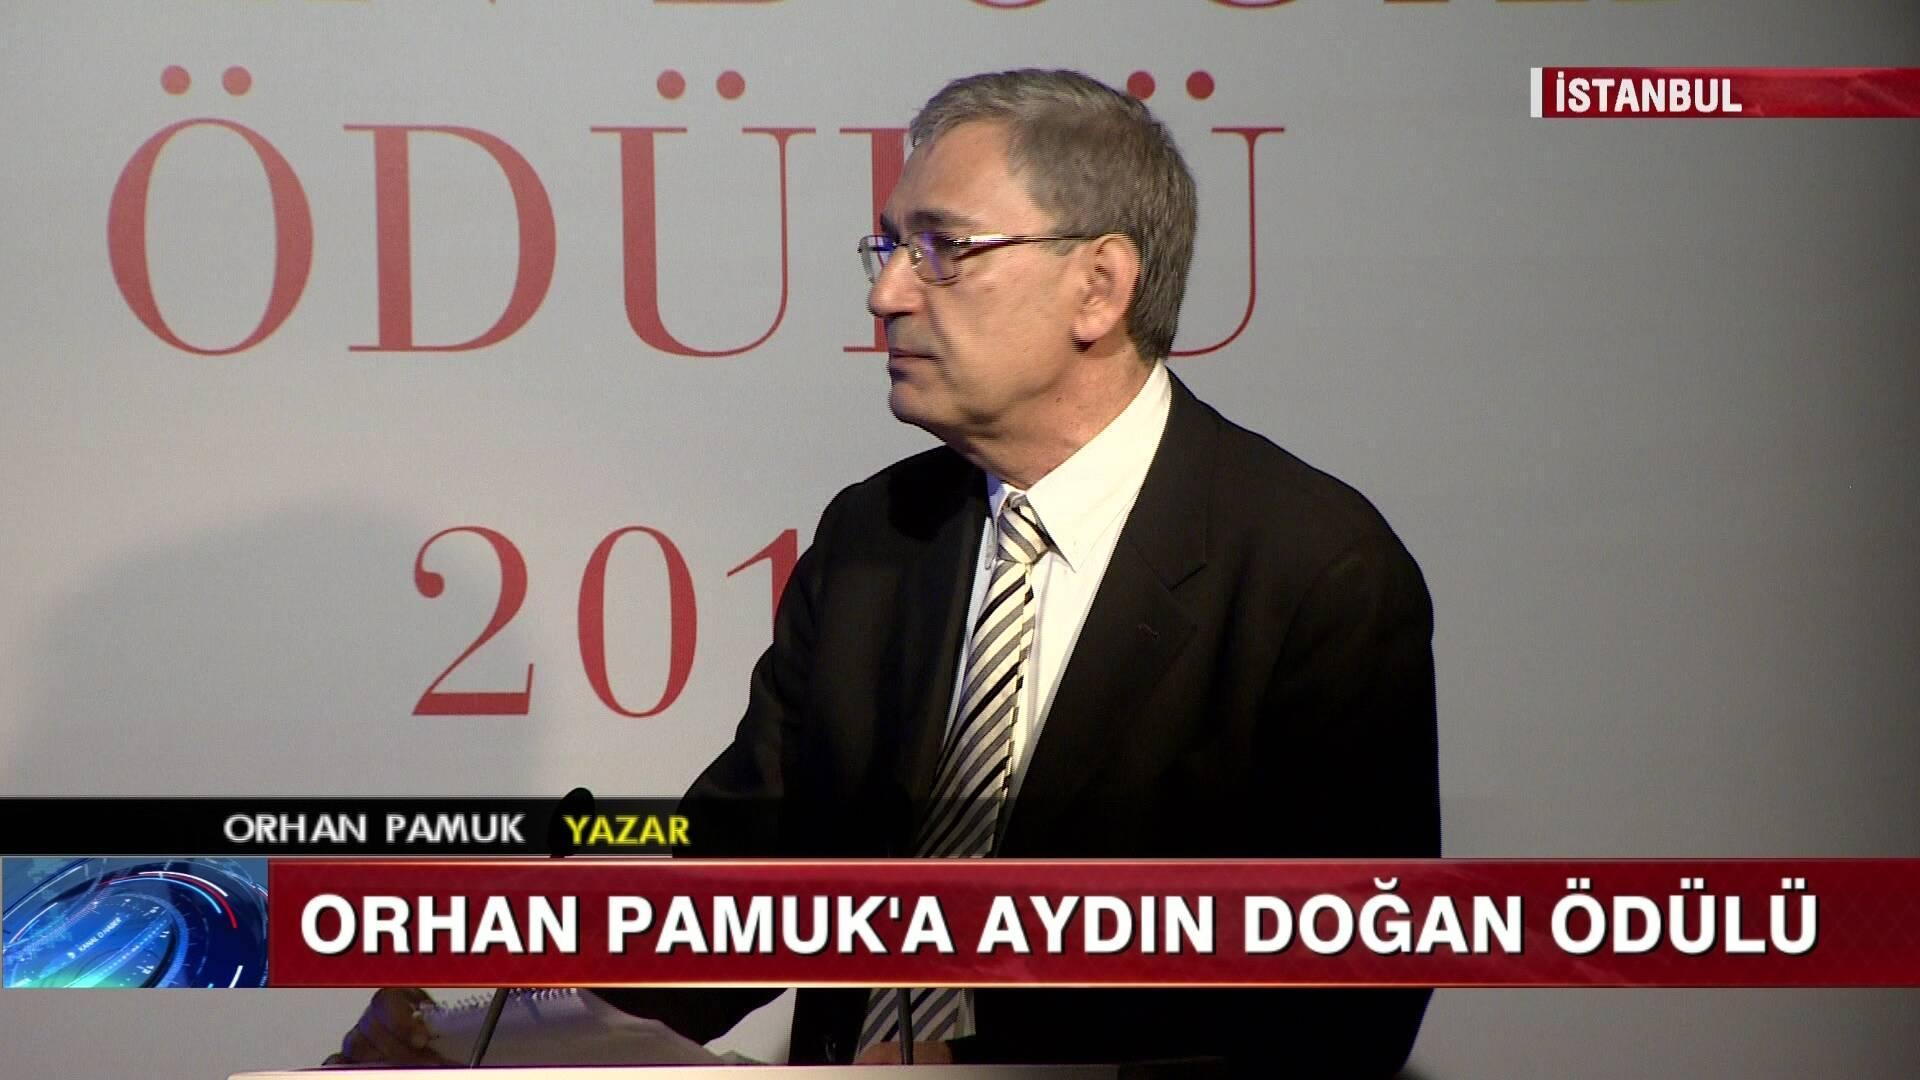 Aydın Doğan Ödülü Orhan Pamuk'a verildi